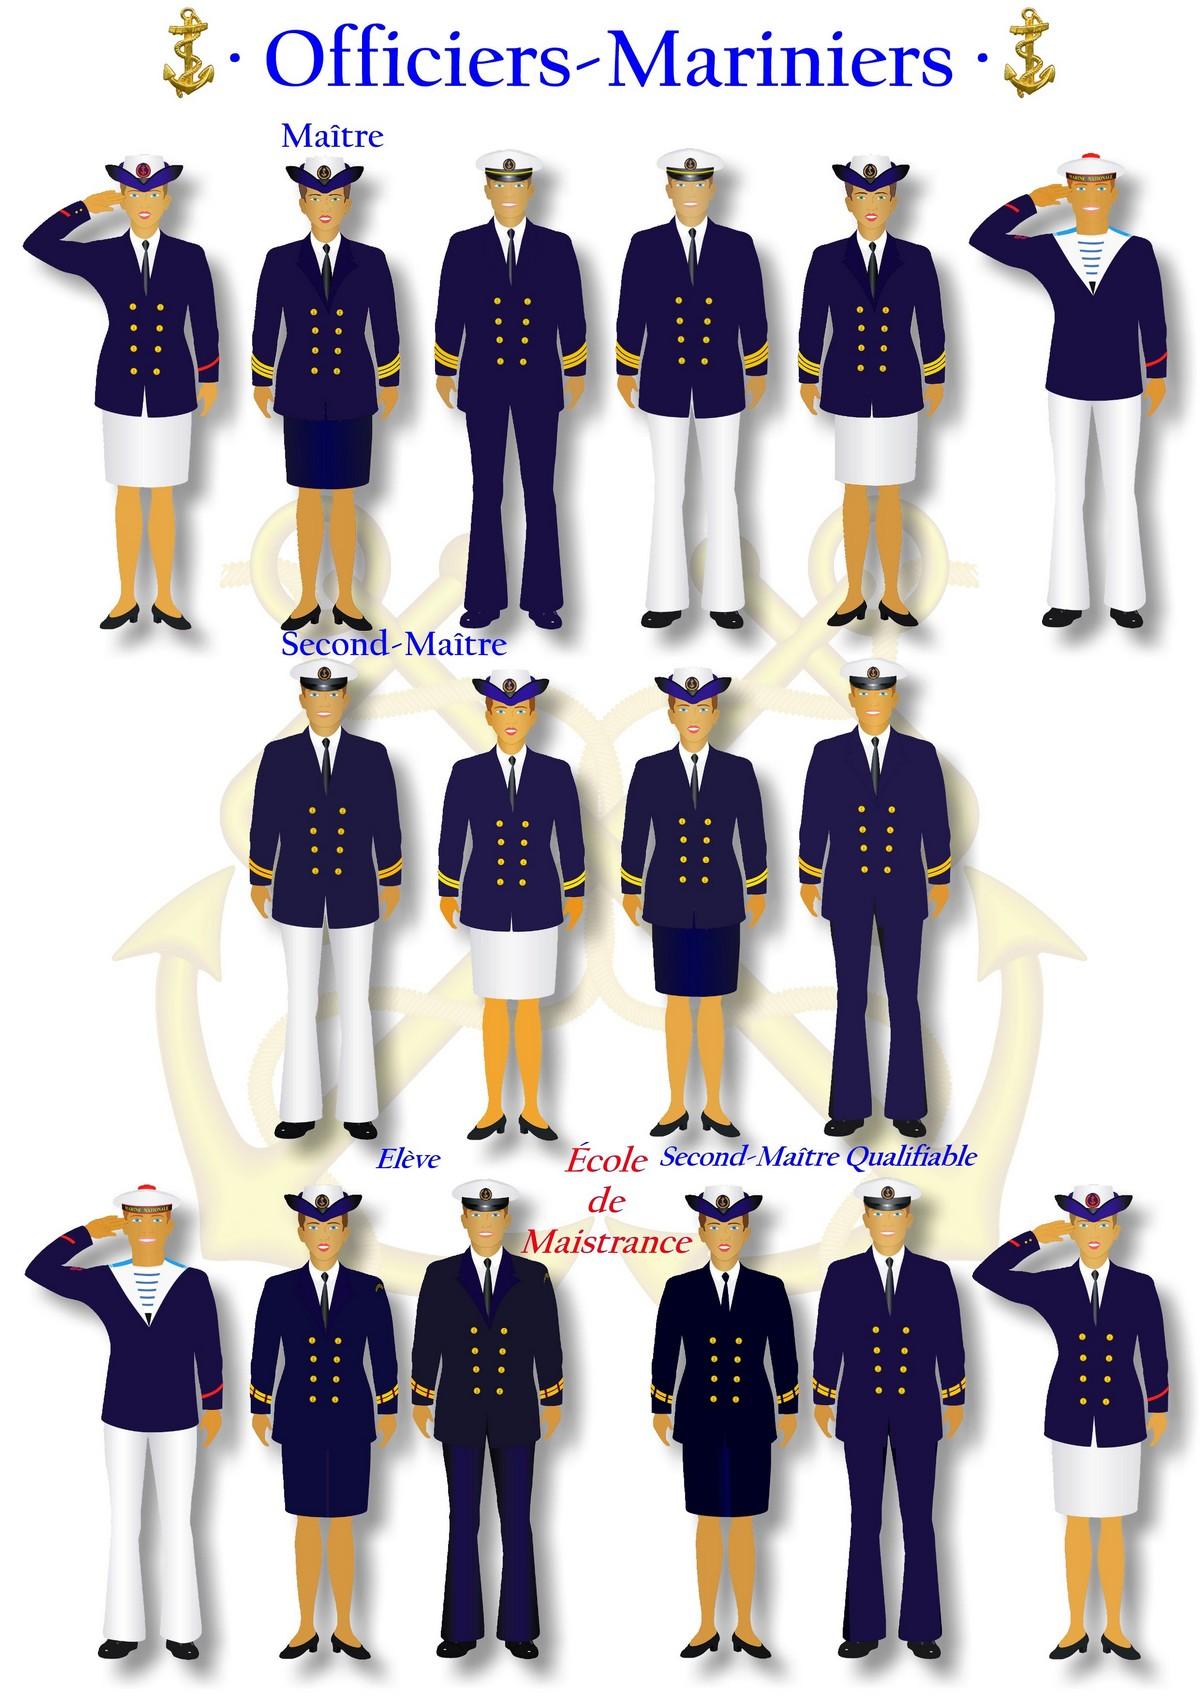 [LES TRADITIONS DANS LA MARINE] Planches dessins des grades et uniformes 552